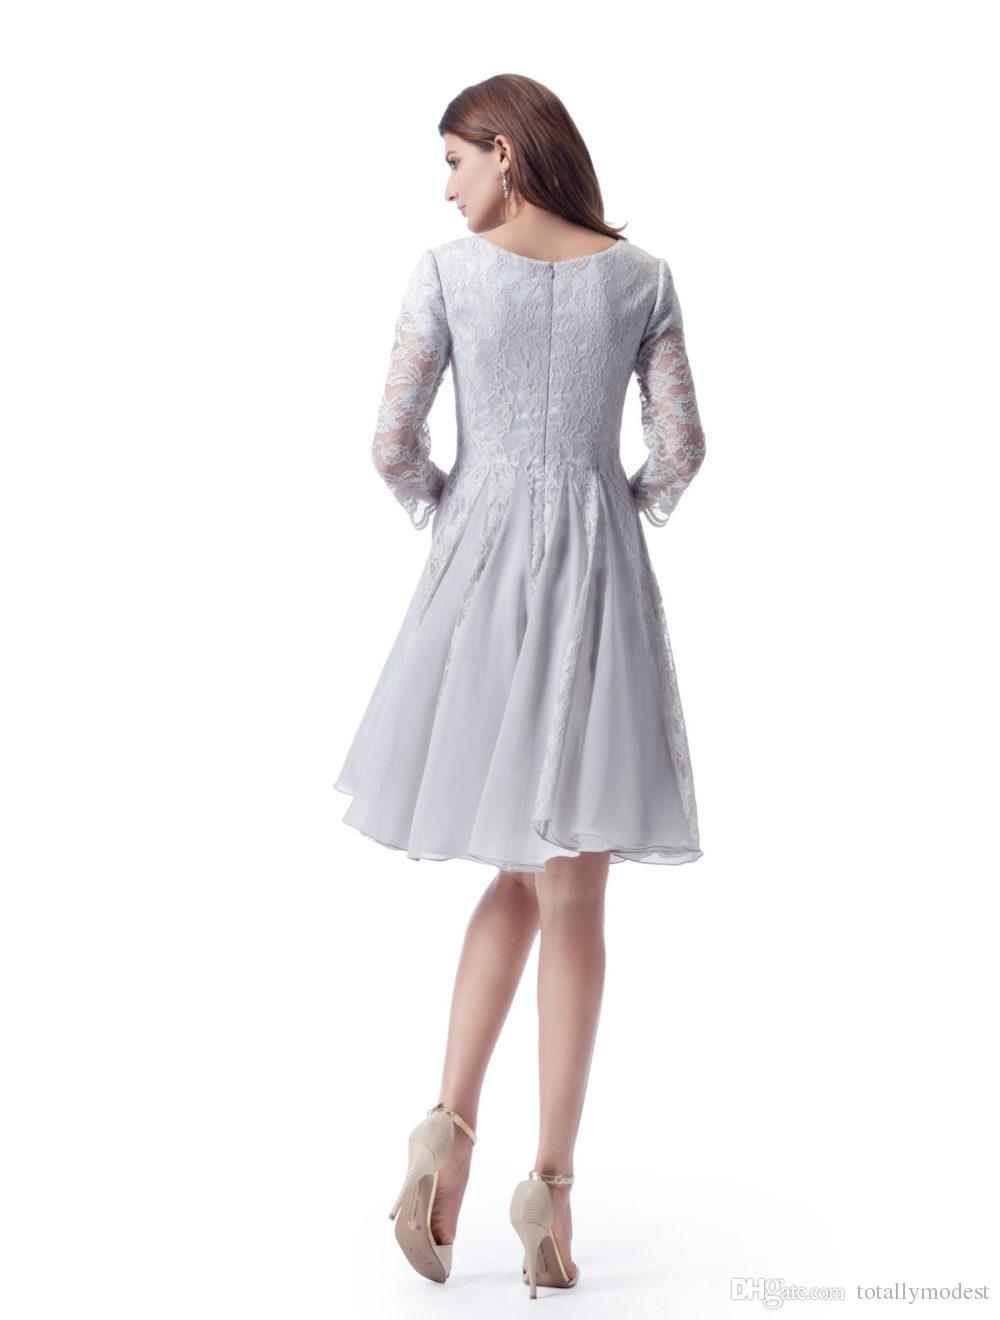 Modest Vestidos de Dama de Honra Curto A-line Na Altura Do Joelho de Prata Cinza Lace Chiffon Seda Festa de Casamento Vestidos Com Mangas Puras Na Venda